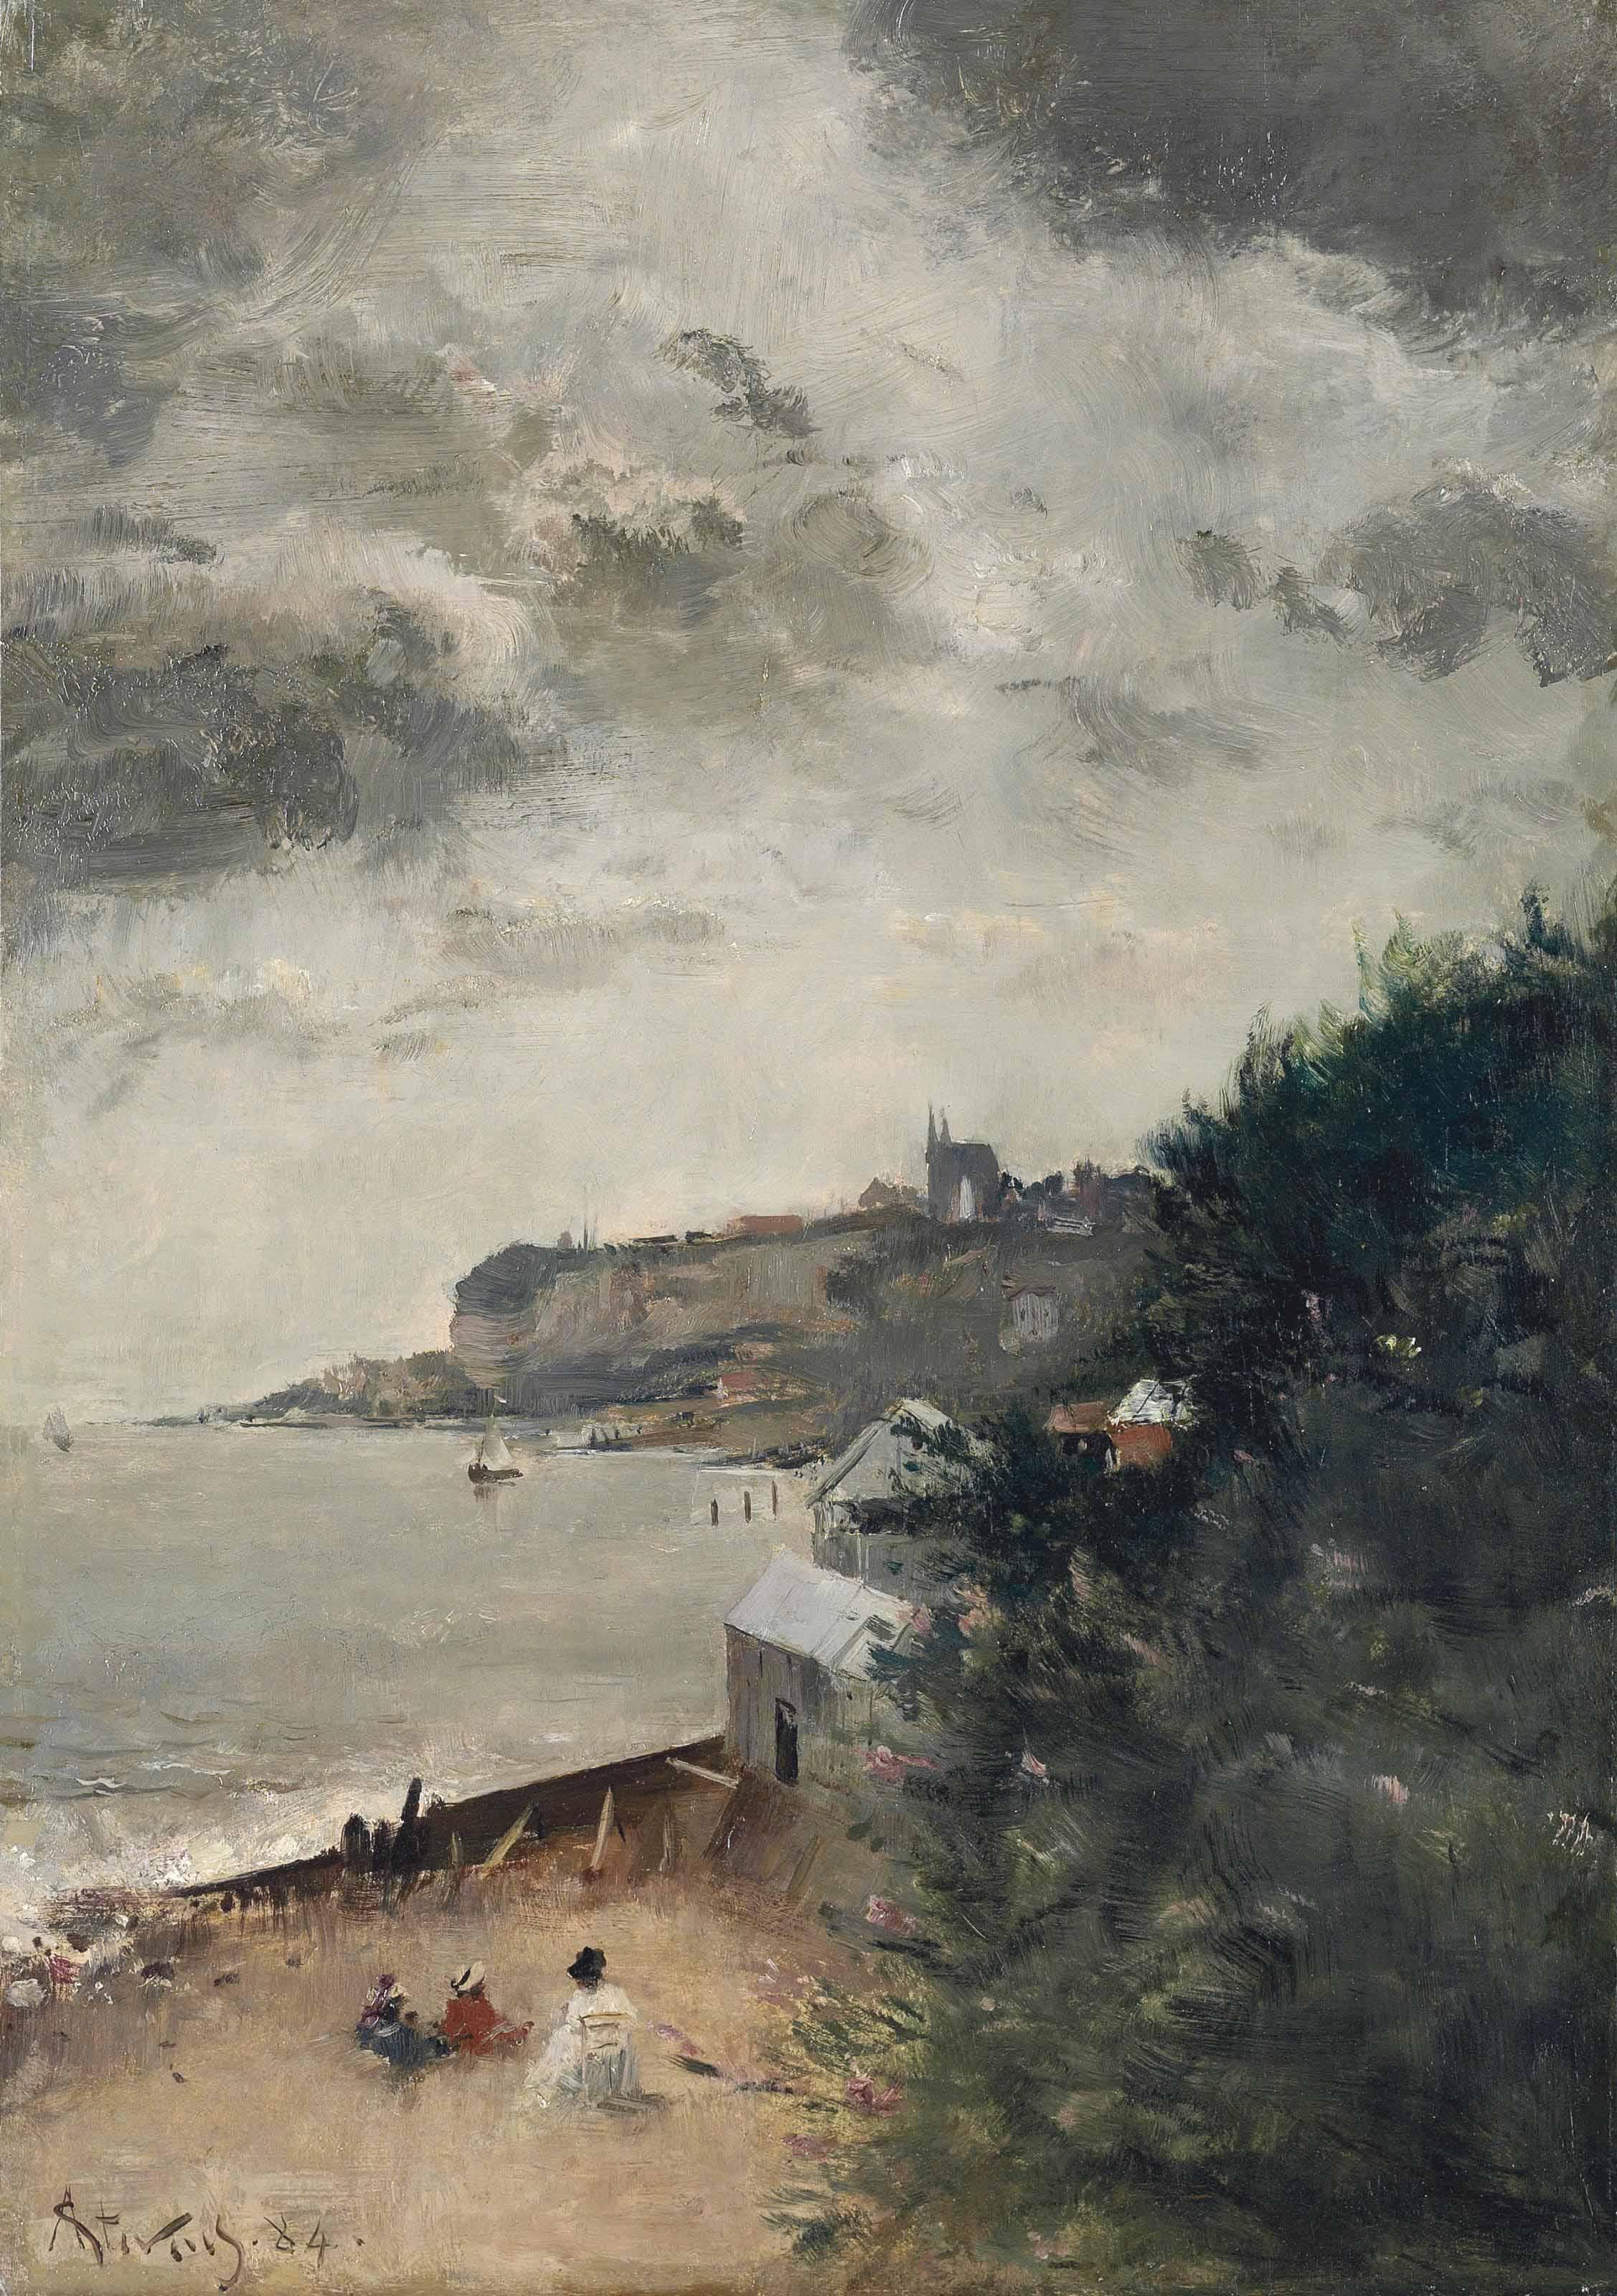 Alfred Stevens (Belgian, 1823-